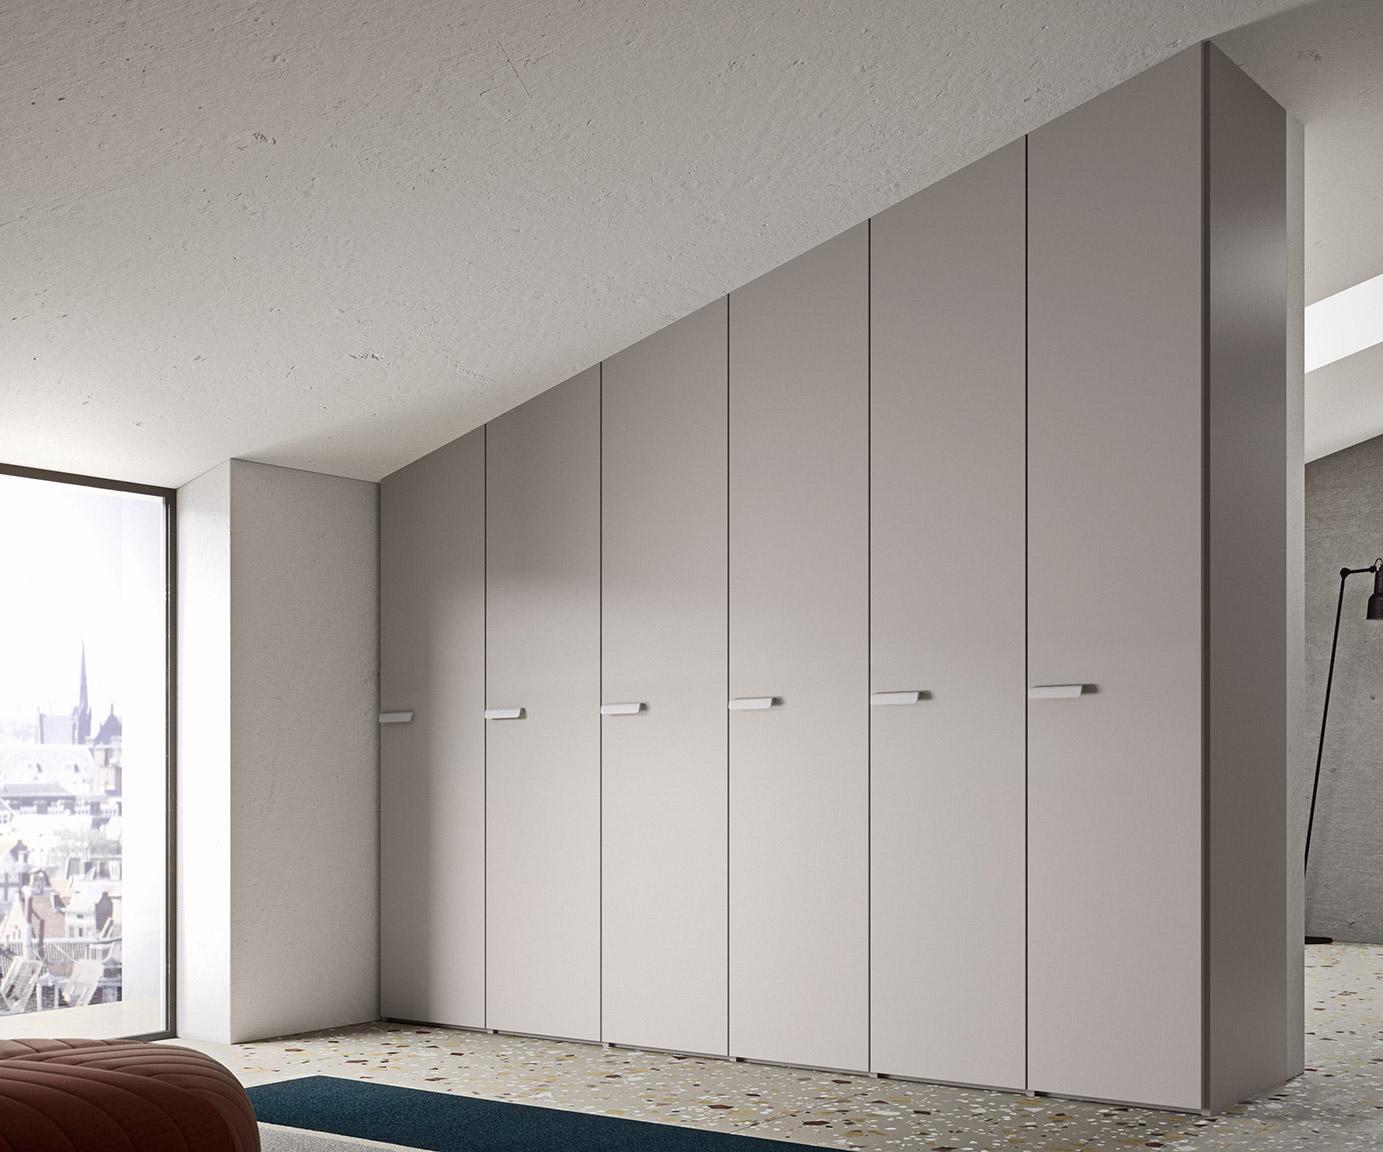 Armadio A Muro Moderno.Anta Liscia Armadio Ante Battenti Dal Design Moderno Mab Home